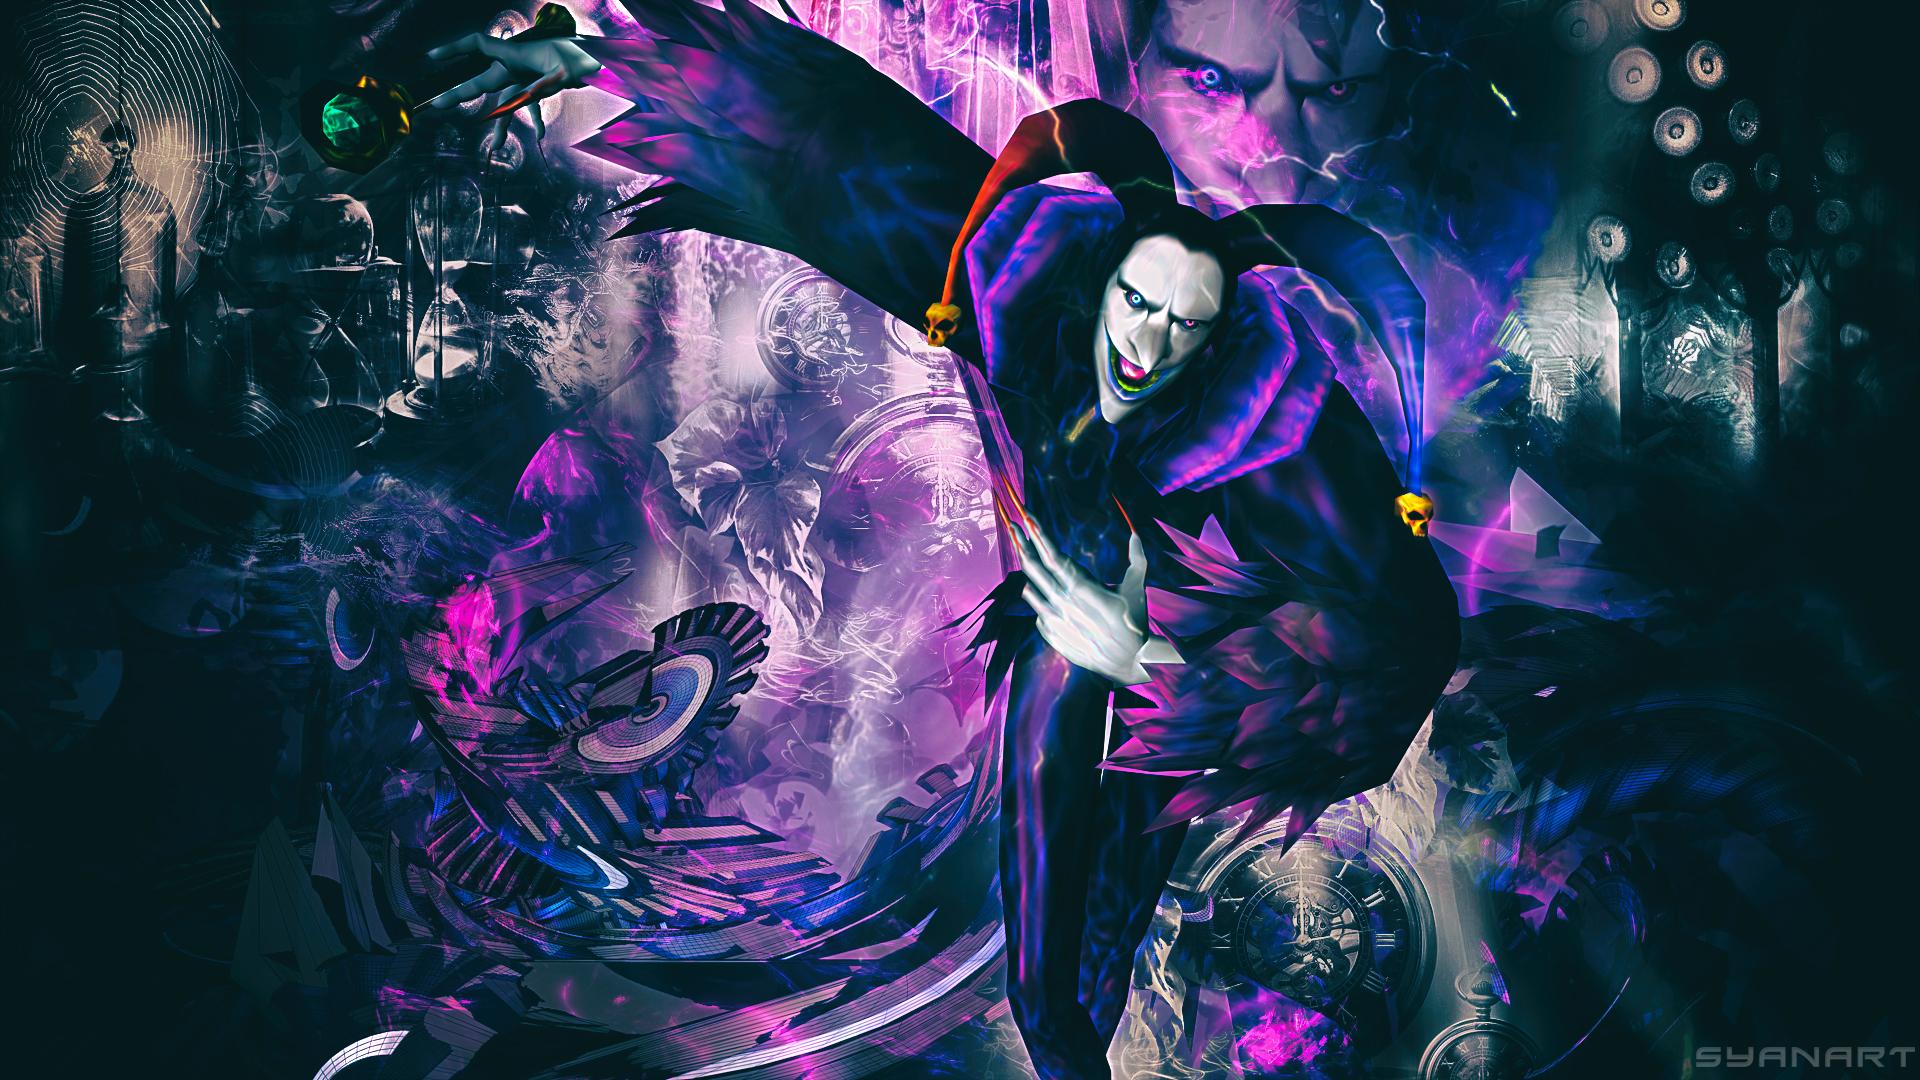 Devil May Cry 3 Joker Wallpaper Syanart Station